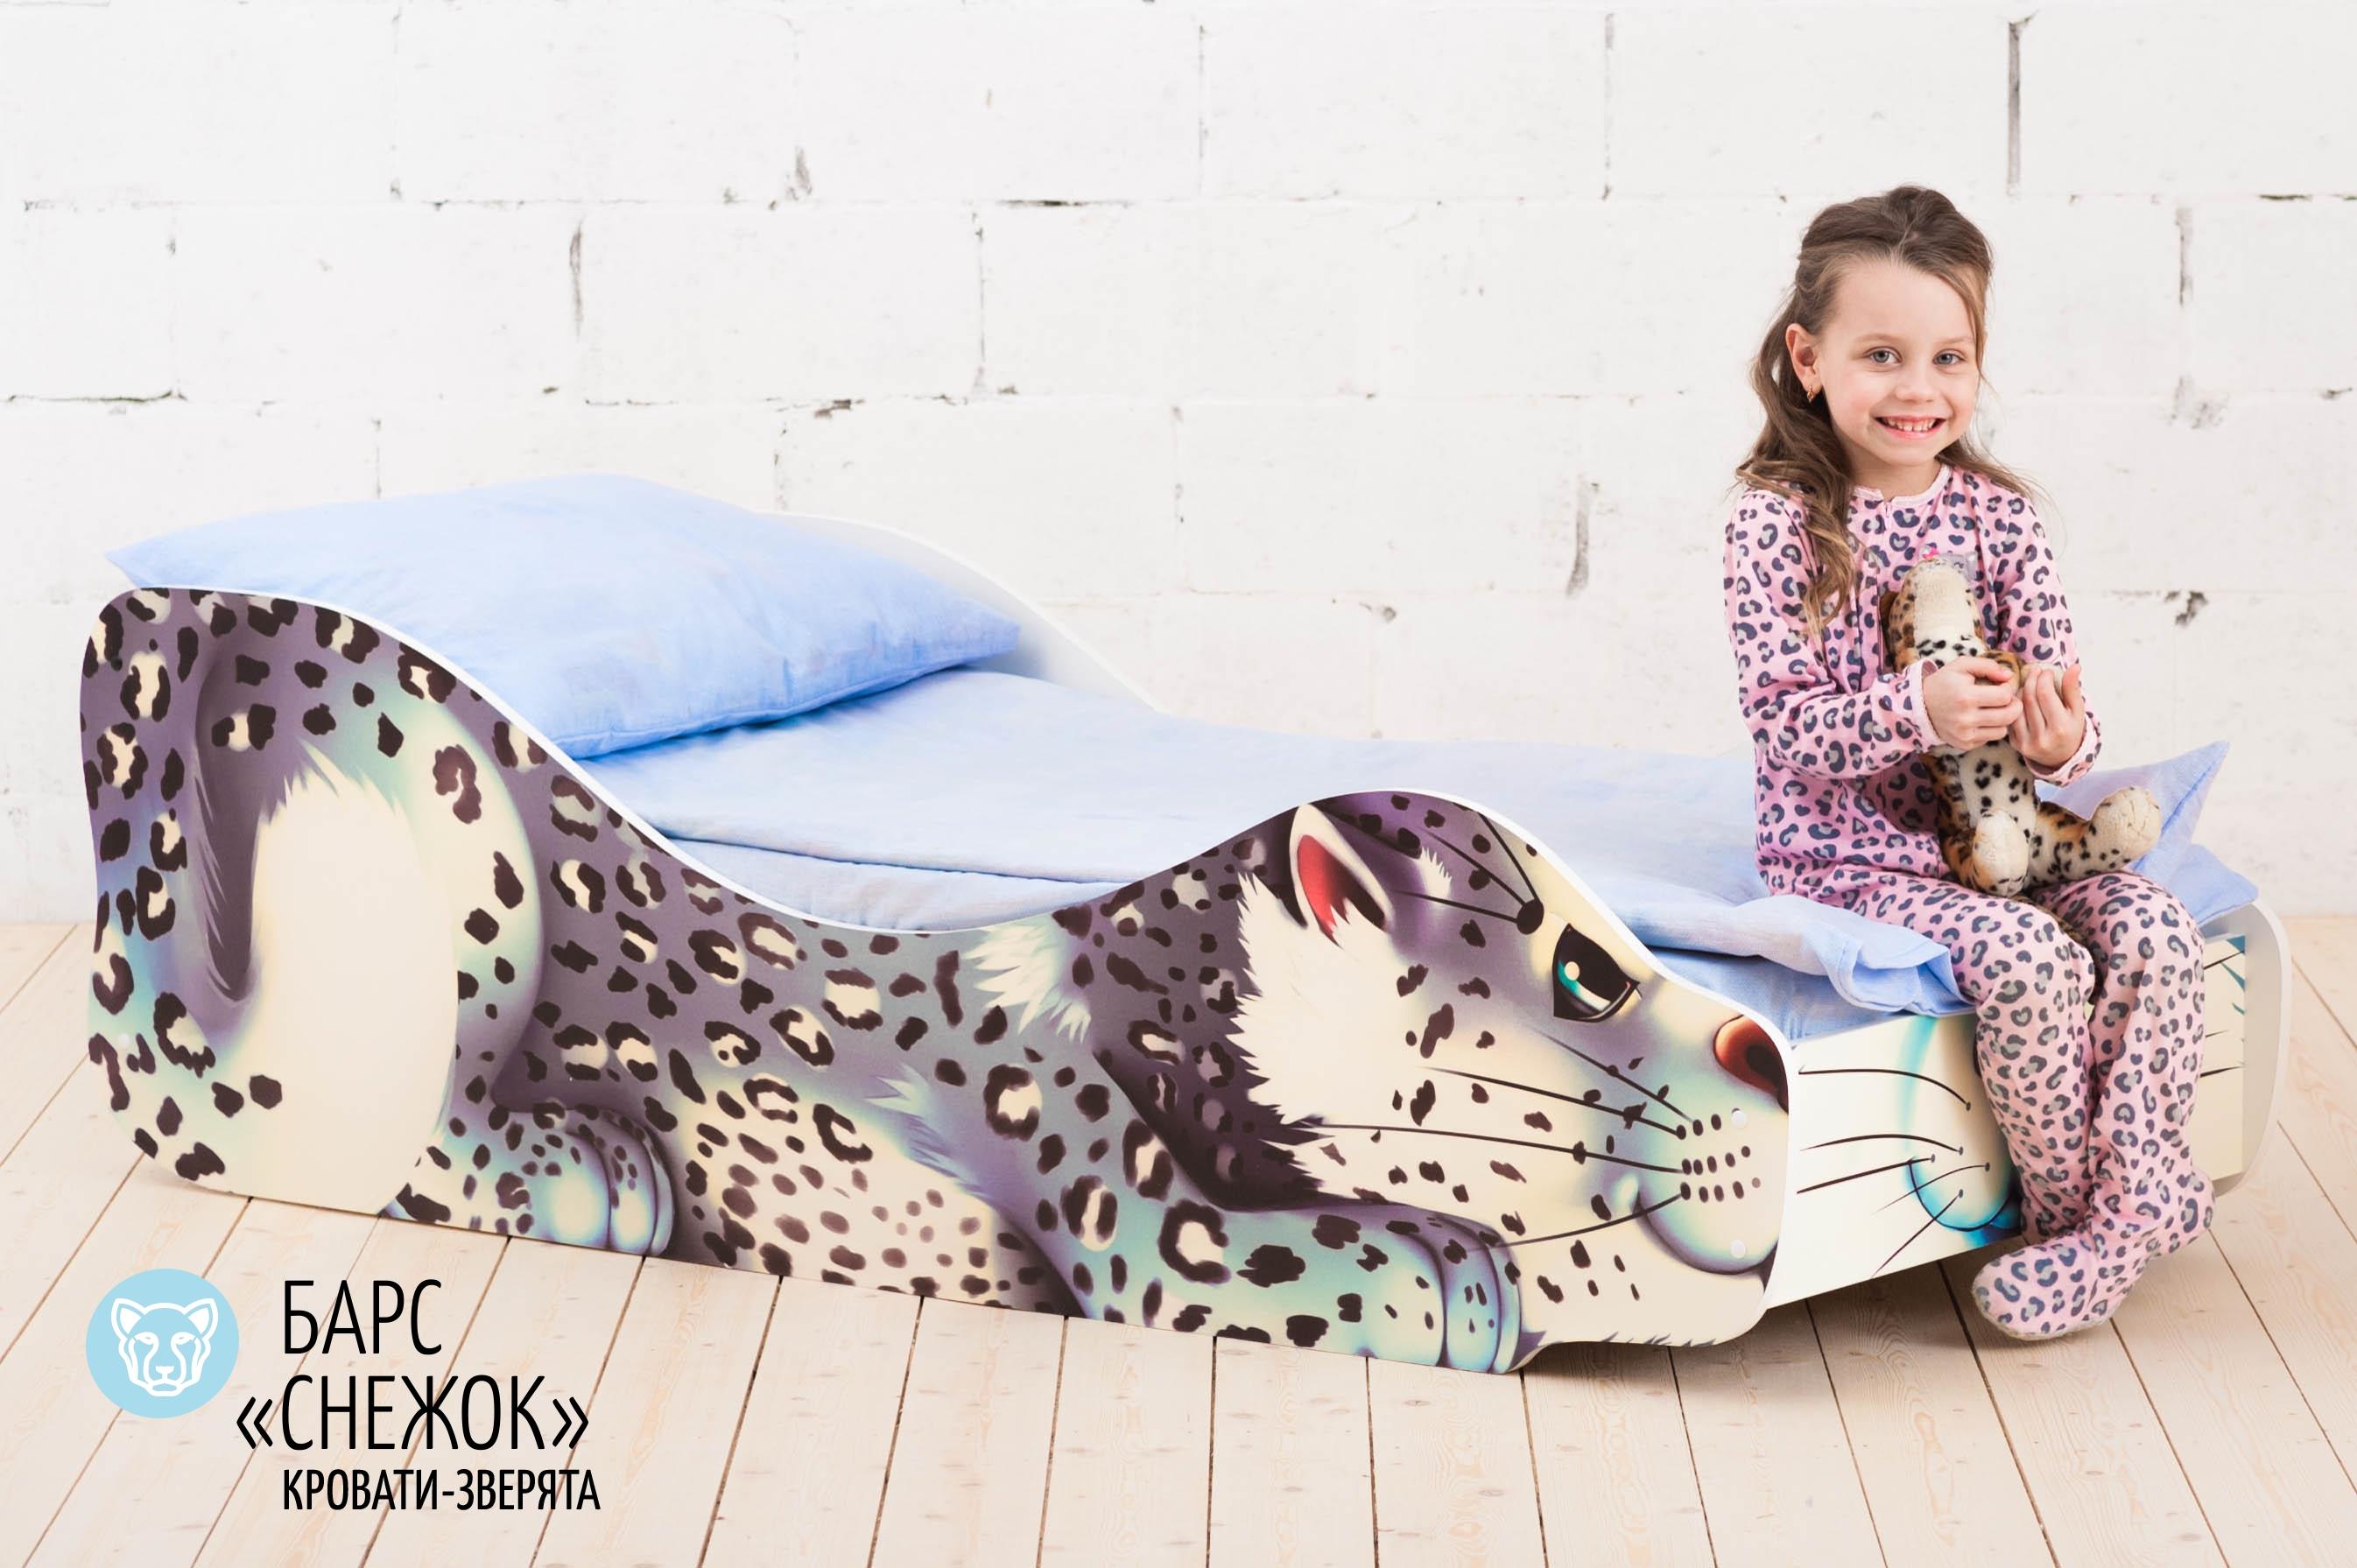 Детская кровать-зверенок -Барс-Снежок-10